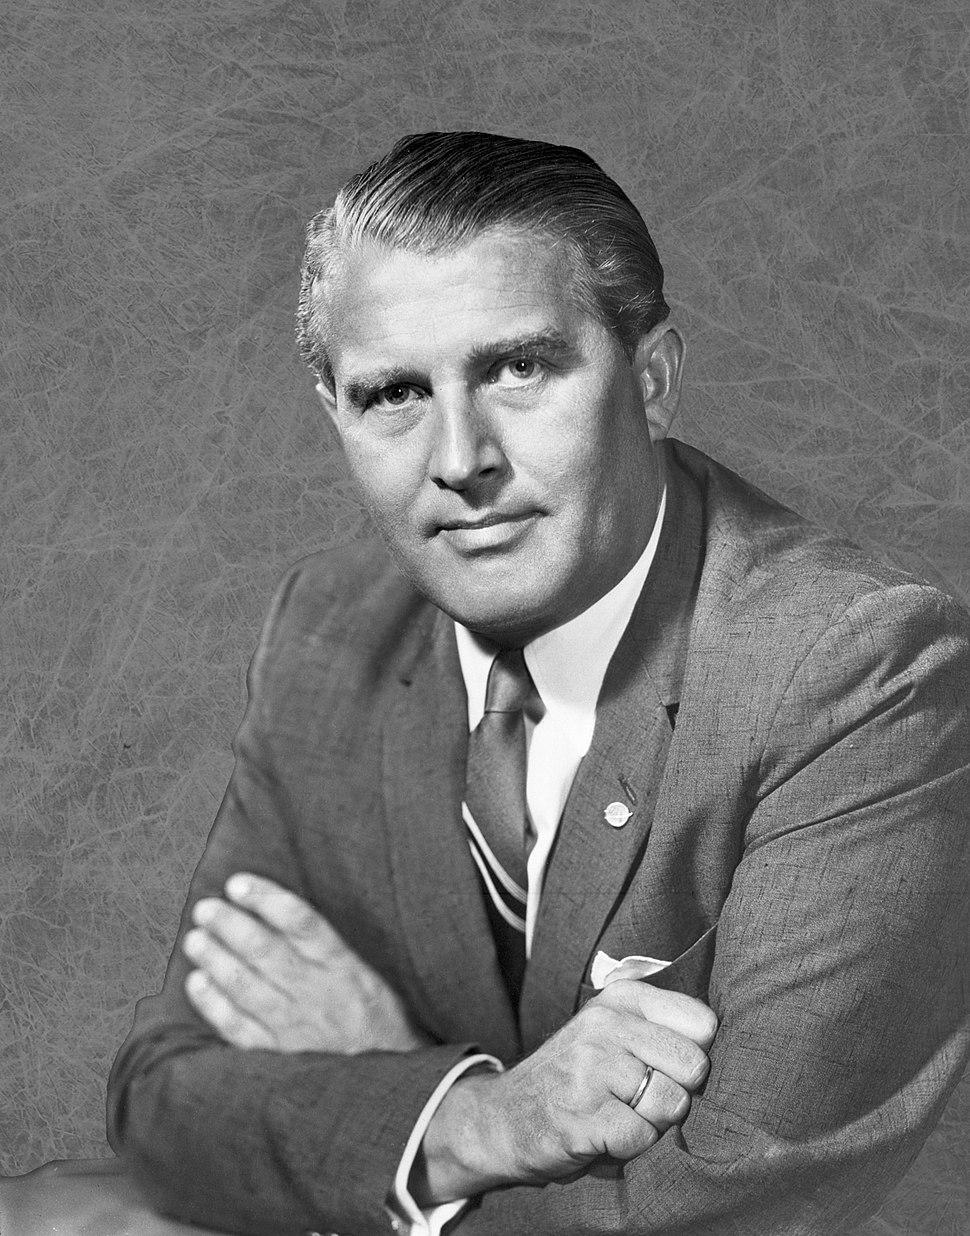 Wernher von Braun 1960